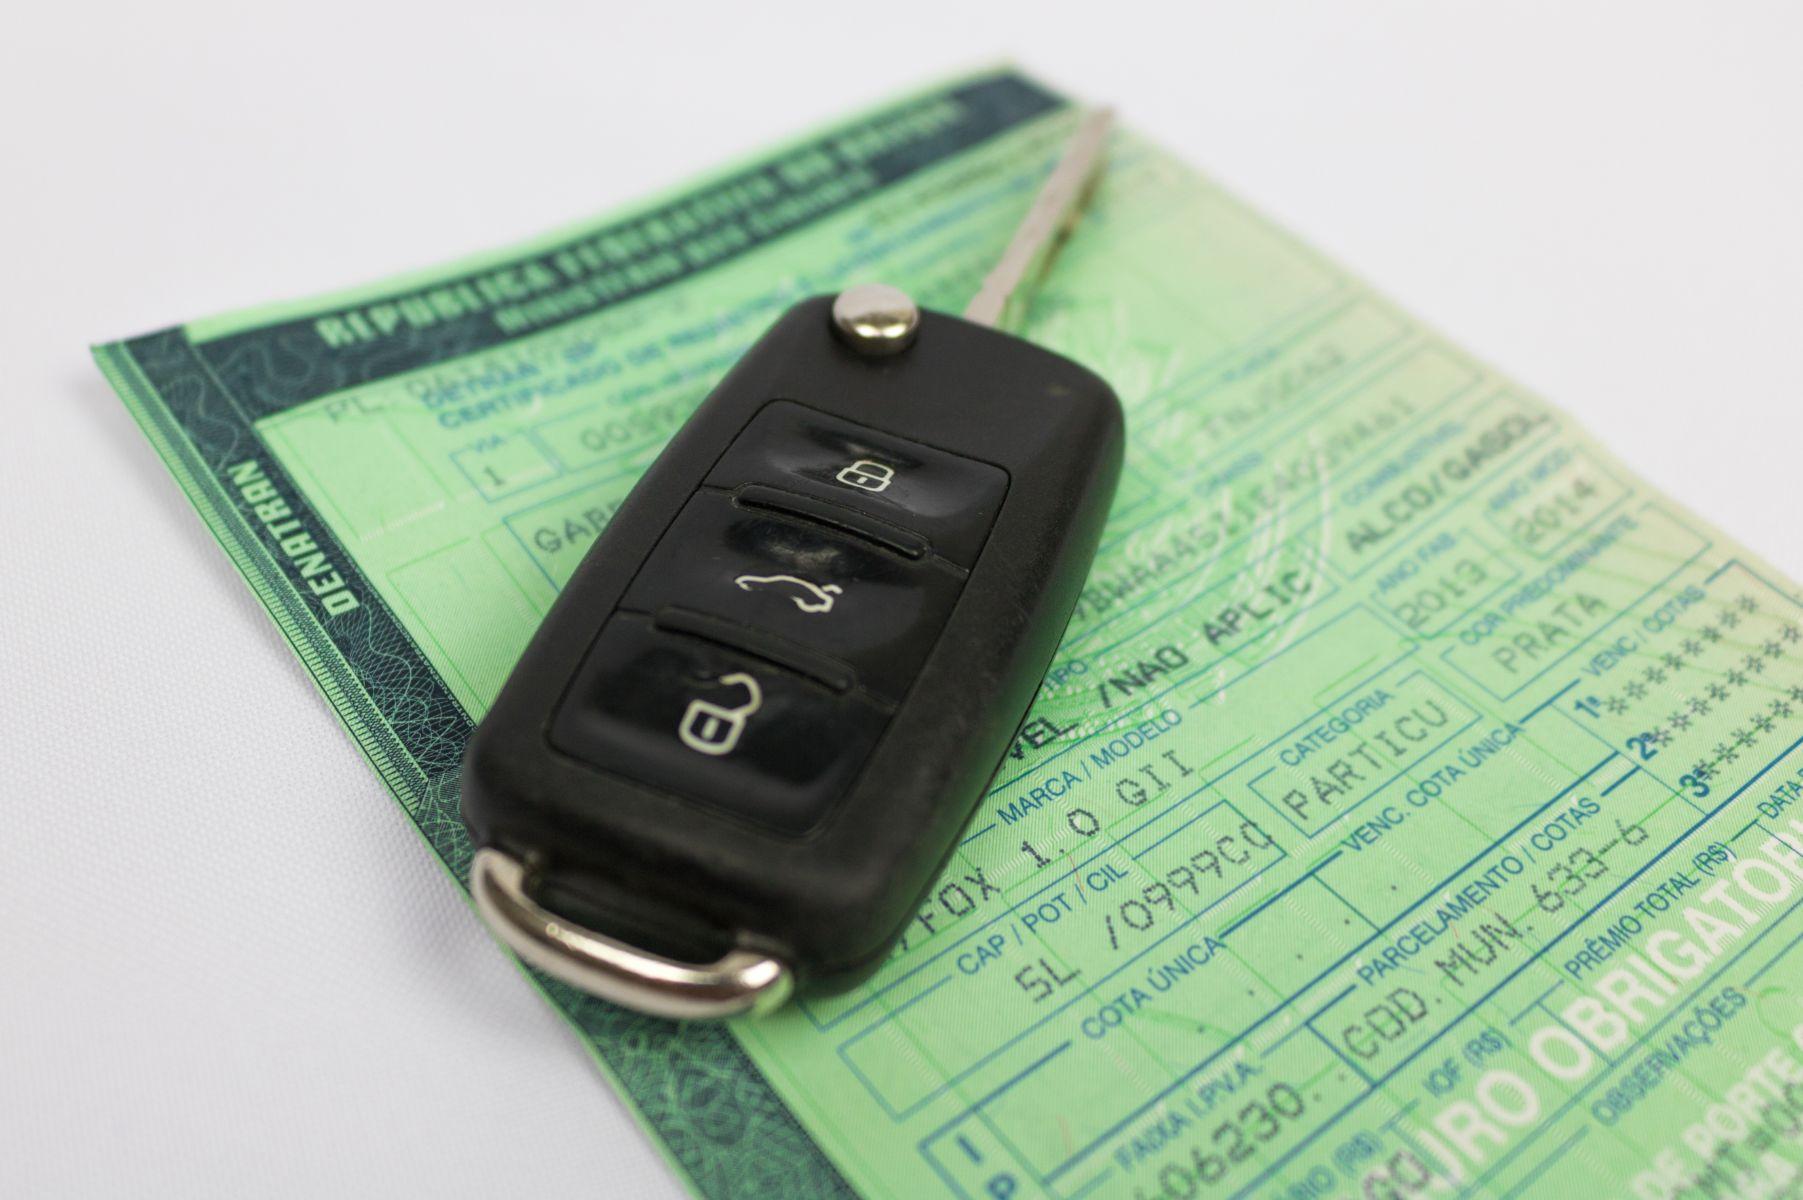 chave de carro em cima do documentocertificado de registro e licenciamento de veiculos